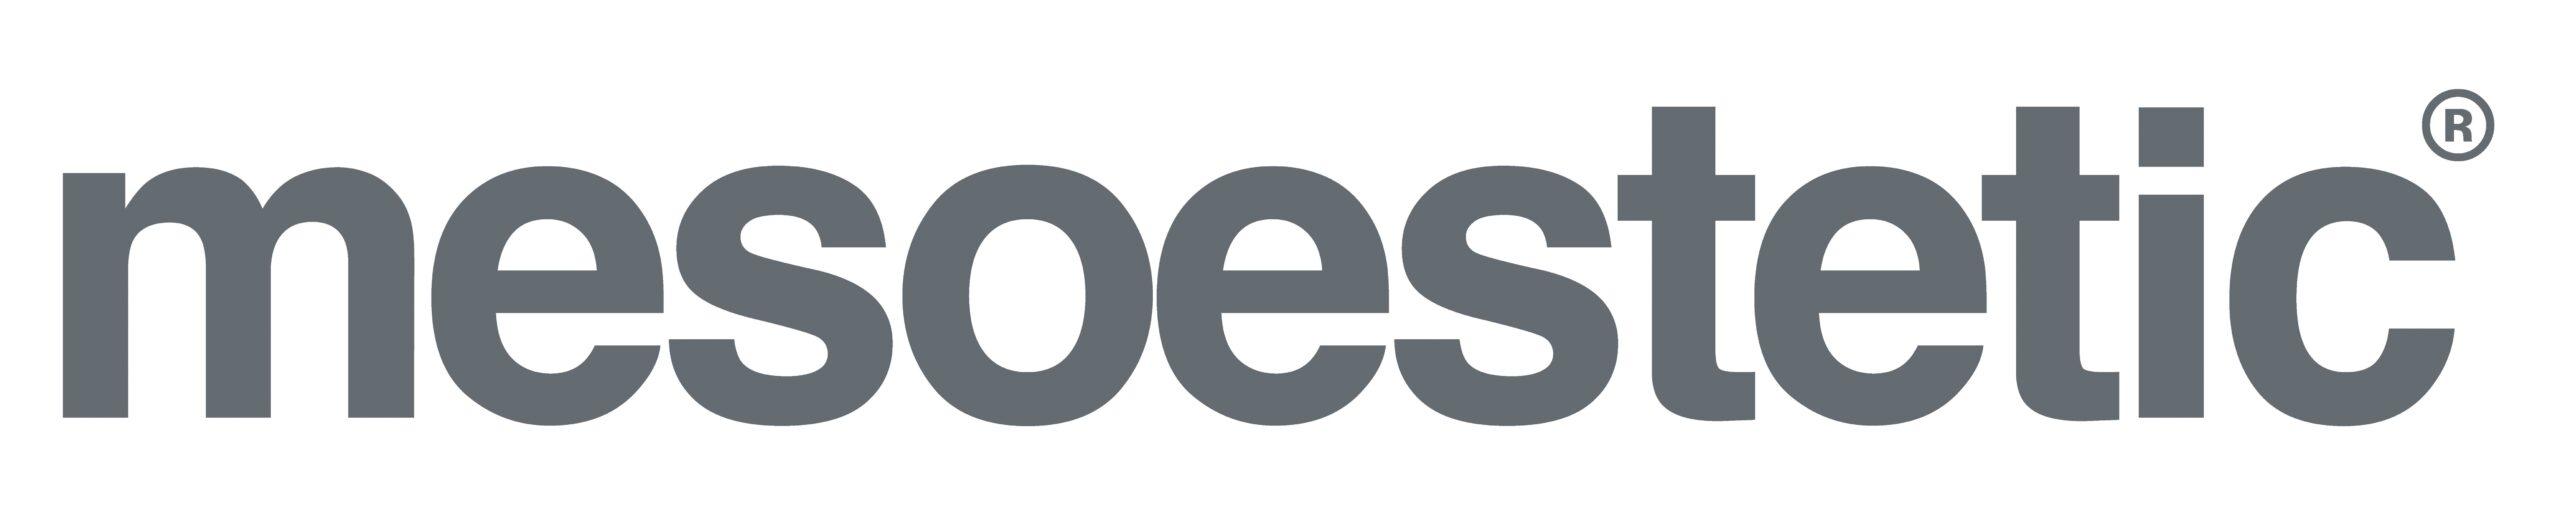 mesoestetic-cosmetic-logotype